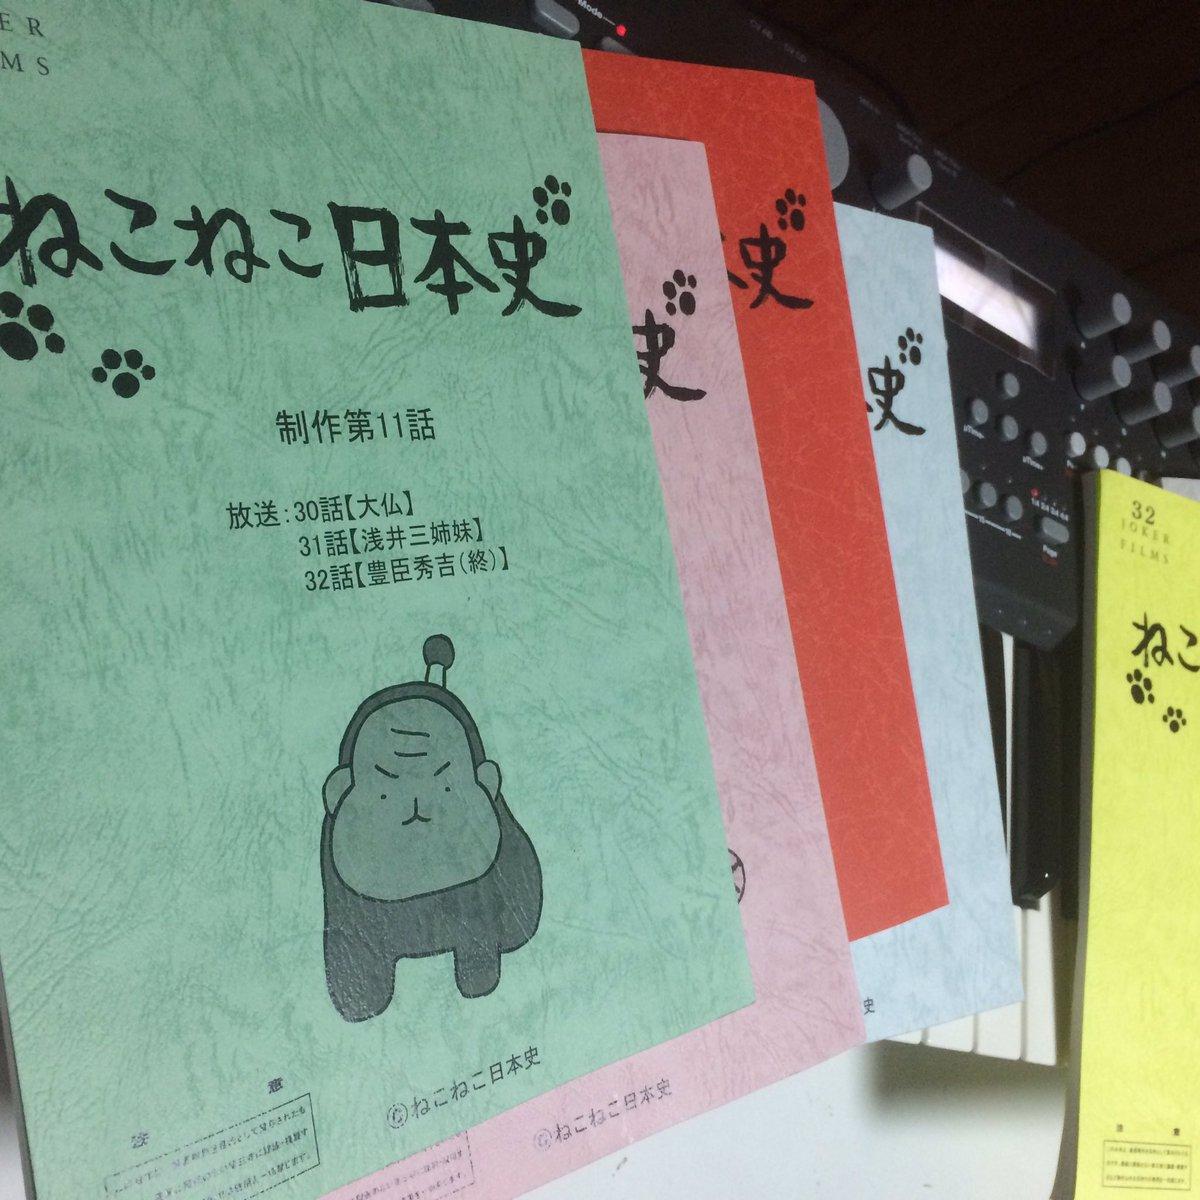 今年も続きます🎉音楽担当してます。よろしくお願いします🙌#ねこねこ日本史 #音楽 #NHK #Eテレ #Colorful